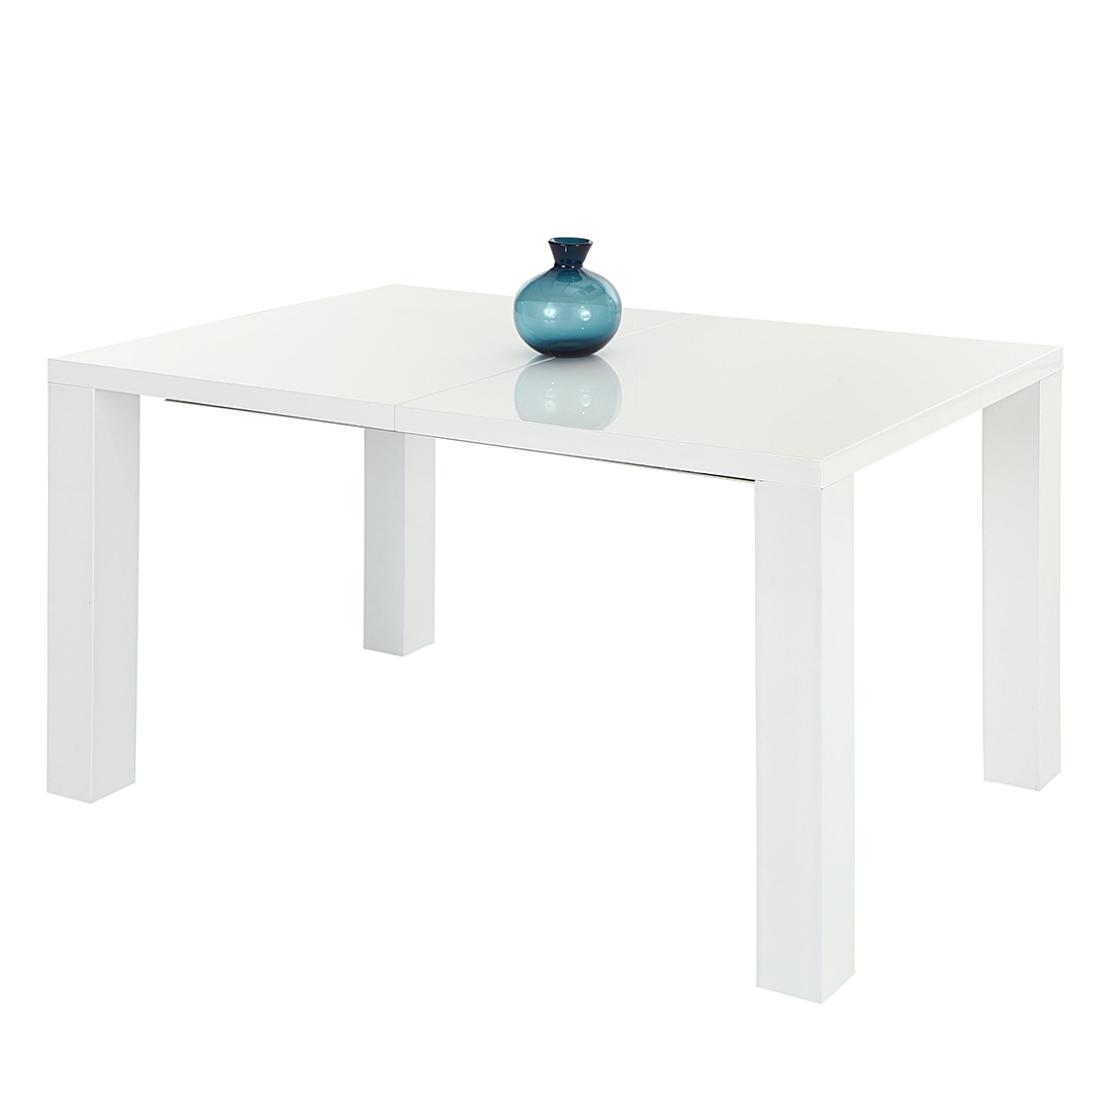 Home Design Eettafel Jolina (uitschuifbaar) - hoogglans wit (Afmetingen: 140/180x90cm) Home24